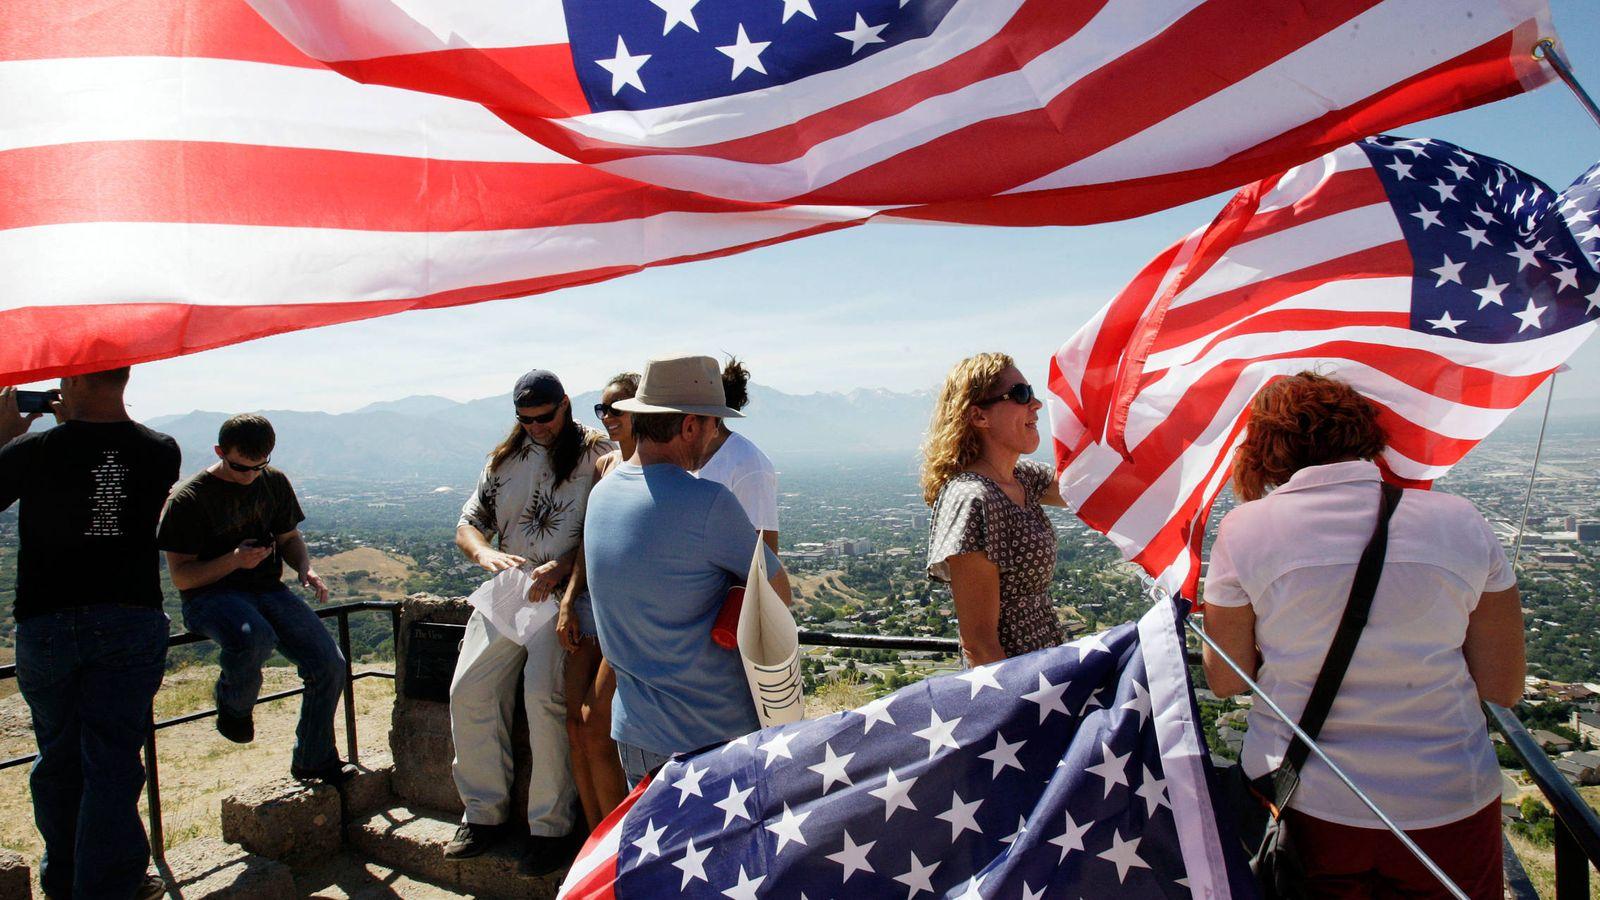 Foto: Mormones observan el Valle de Salt Lake, Utah, durante una ceremonia de repudio a su iglesia por aceptar el matrimonio homosexual, en junio de 2012 (Reuters)